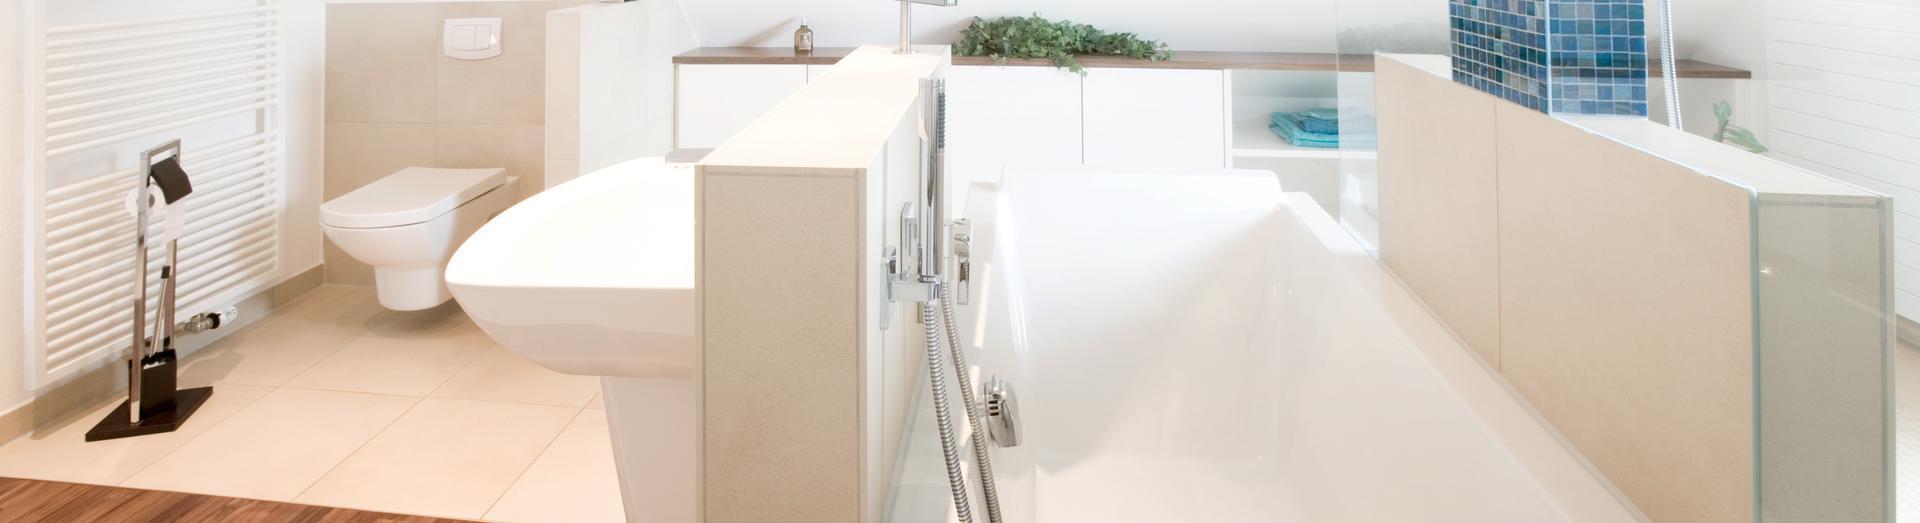 Vom-ehemaligen-Kinderzimmer-zum-Badezimmer | Mundle | Sindelfingen ...